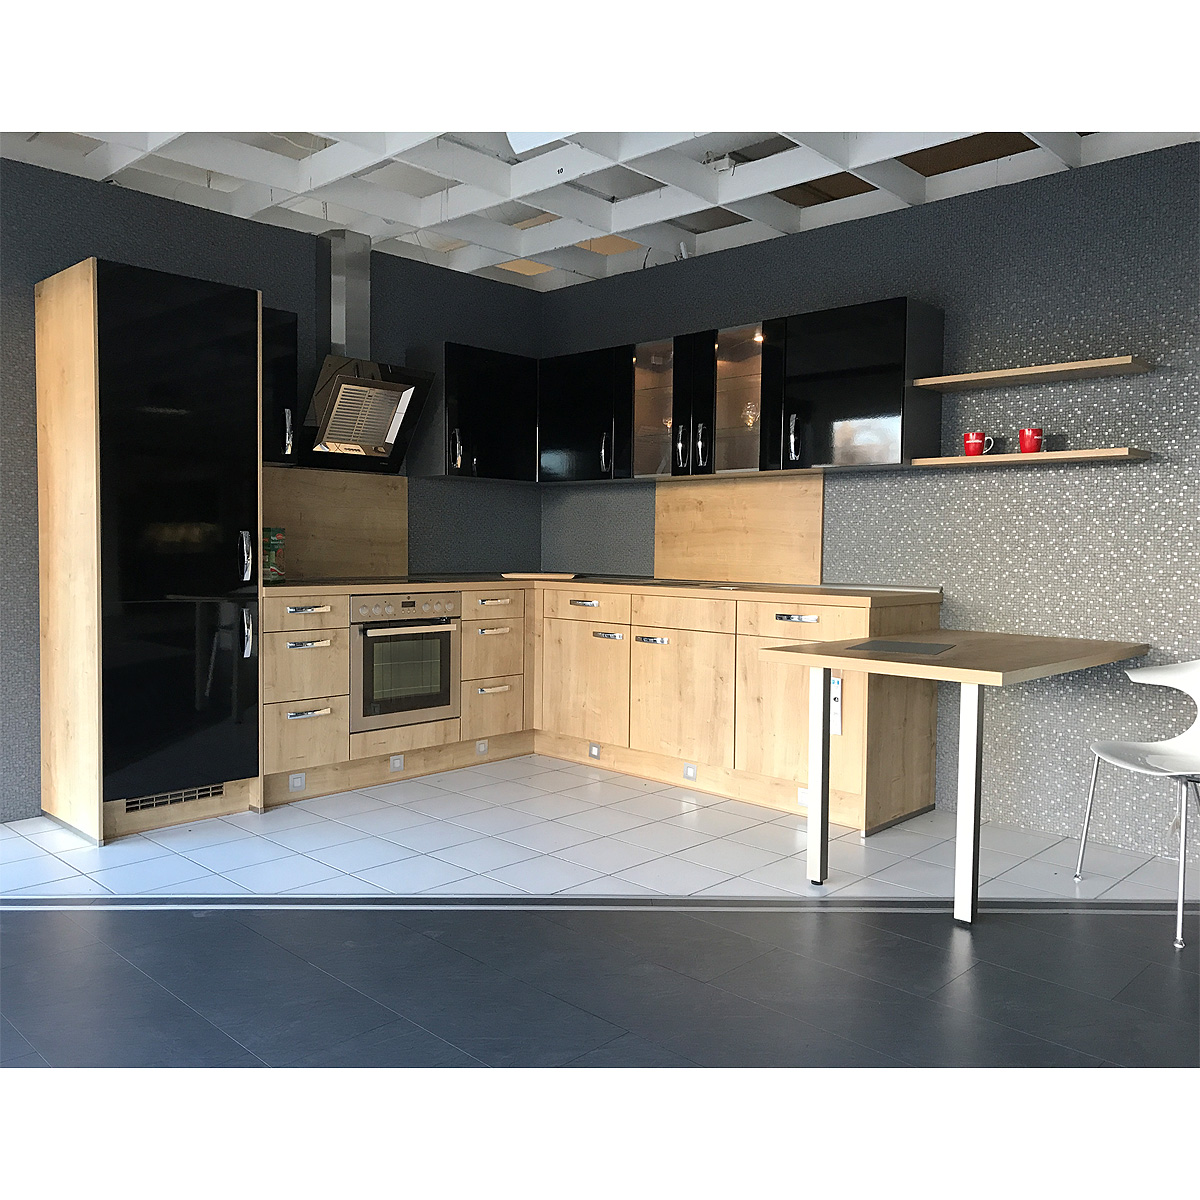 einbauk che nobilia ausstellungsk che k che in schwarz hochglanz eiche e ger te eur. Black Bedroom Furniture Sets. Home Design Ideas